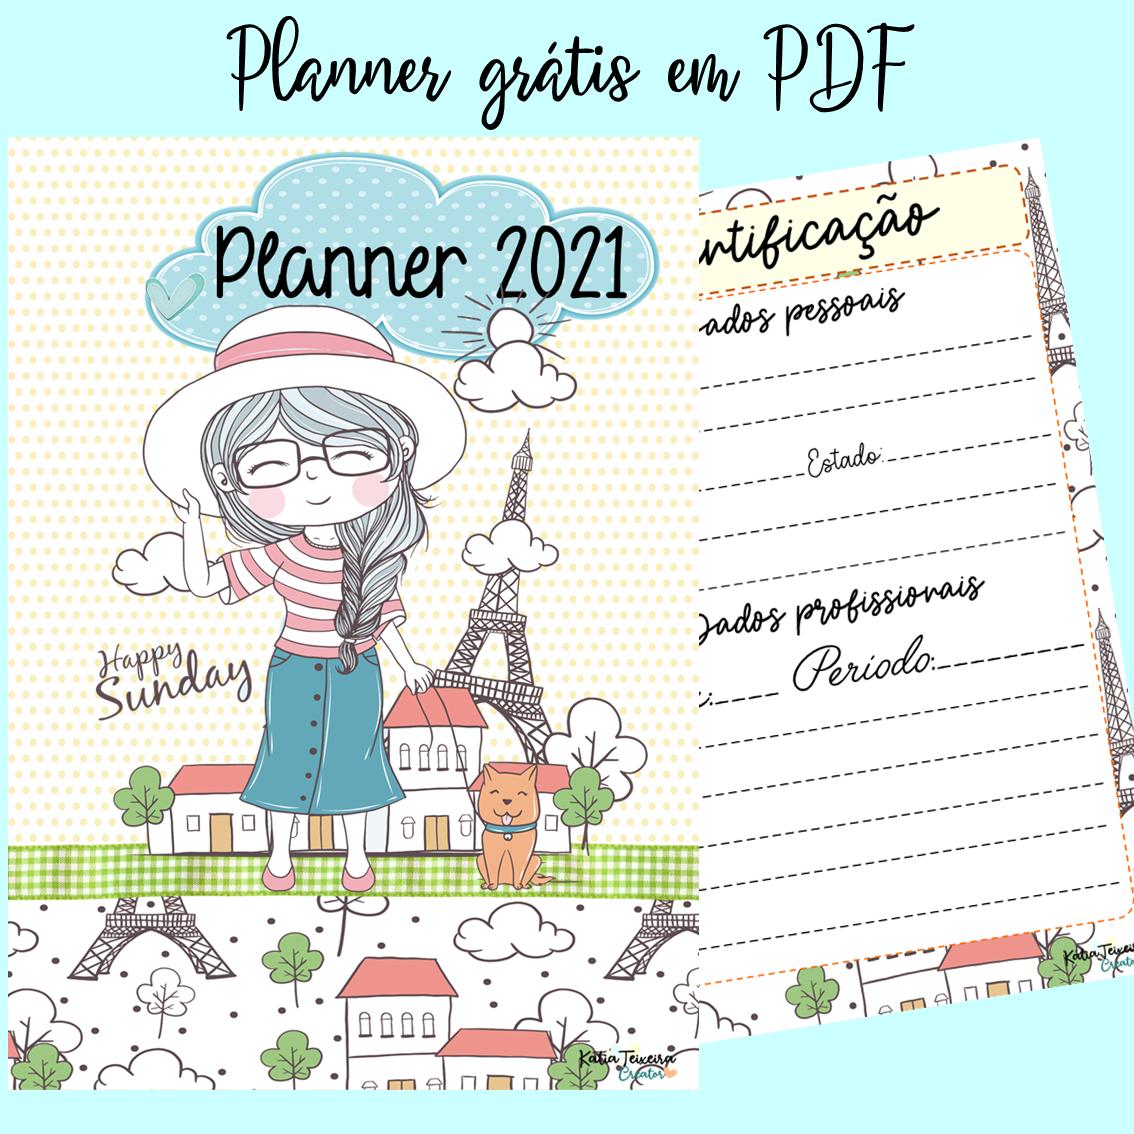 Lindo Planner para baixar em PDF grátis Paris